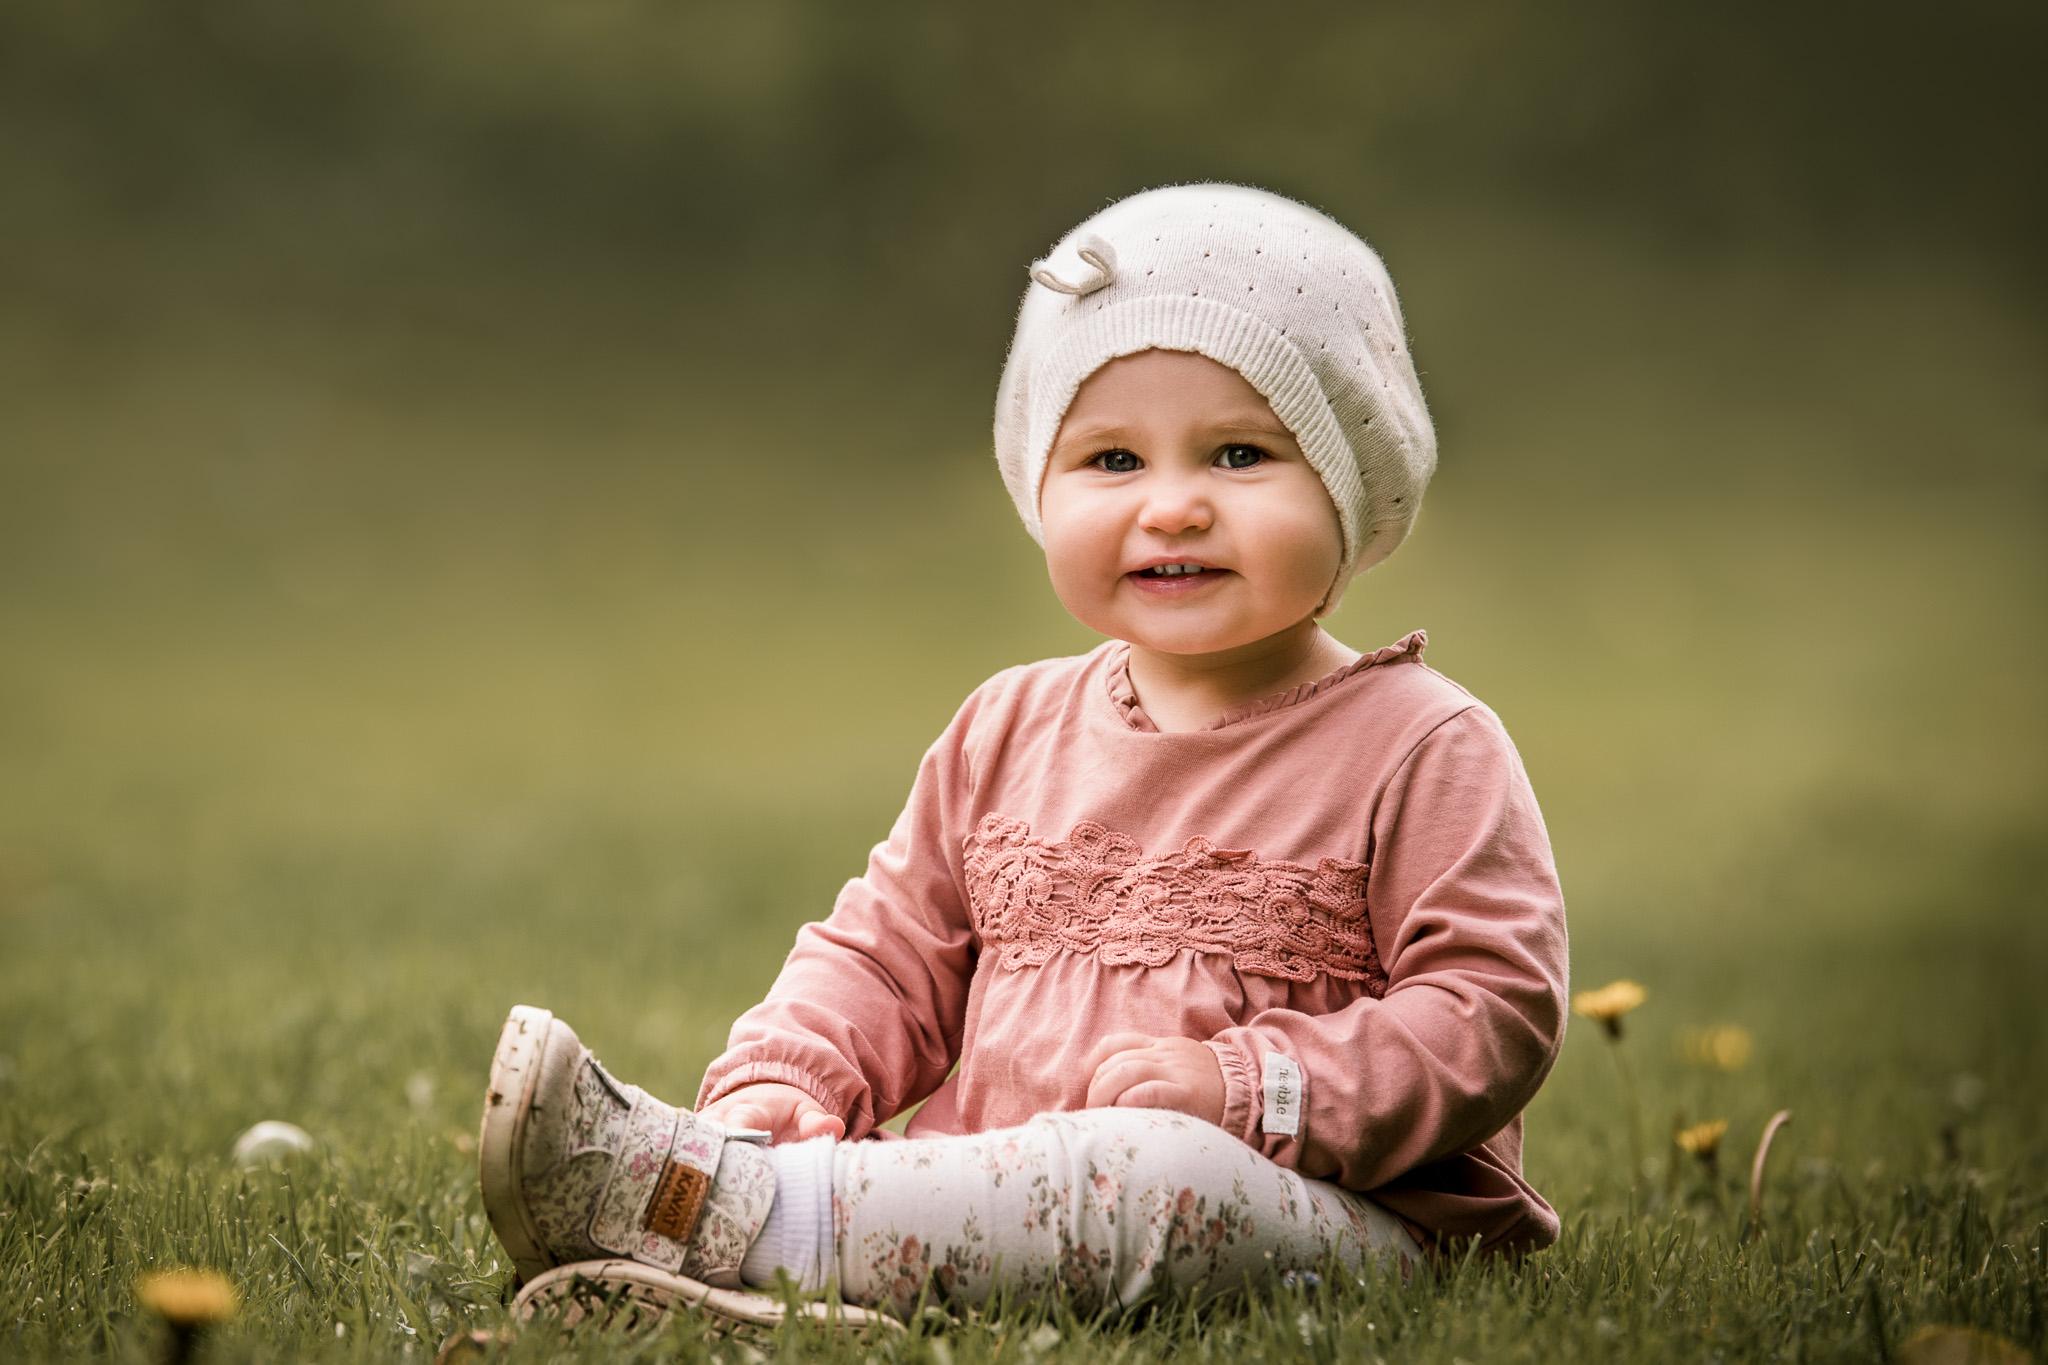 Barnfotograf Kristianstad Smallmoments by Any-photo -0634